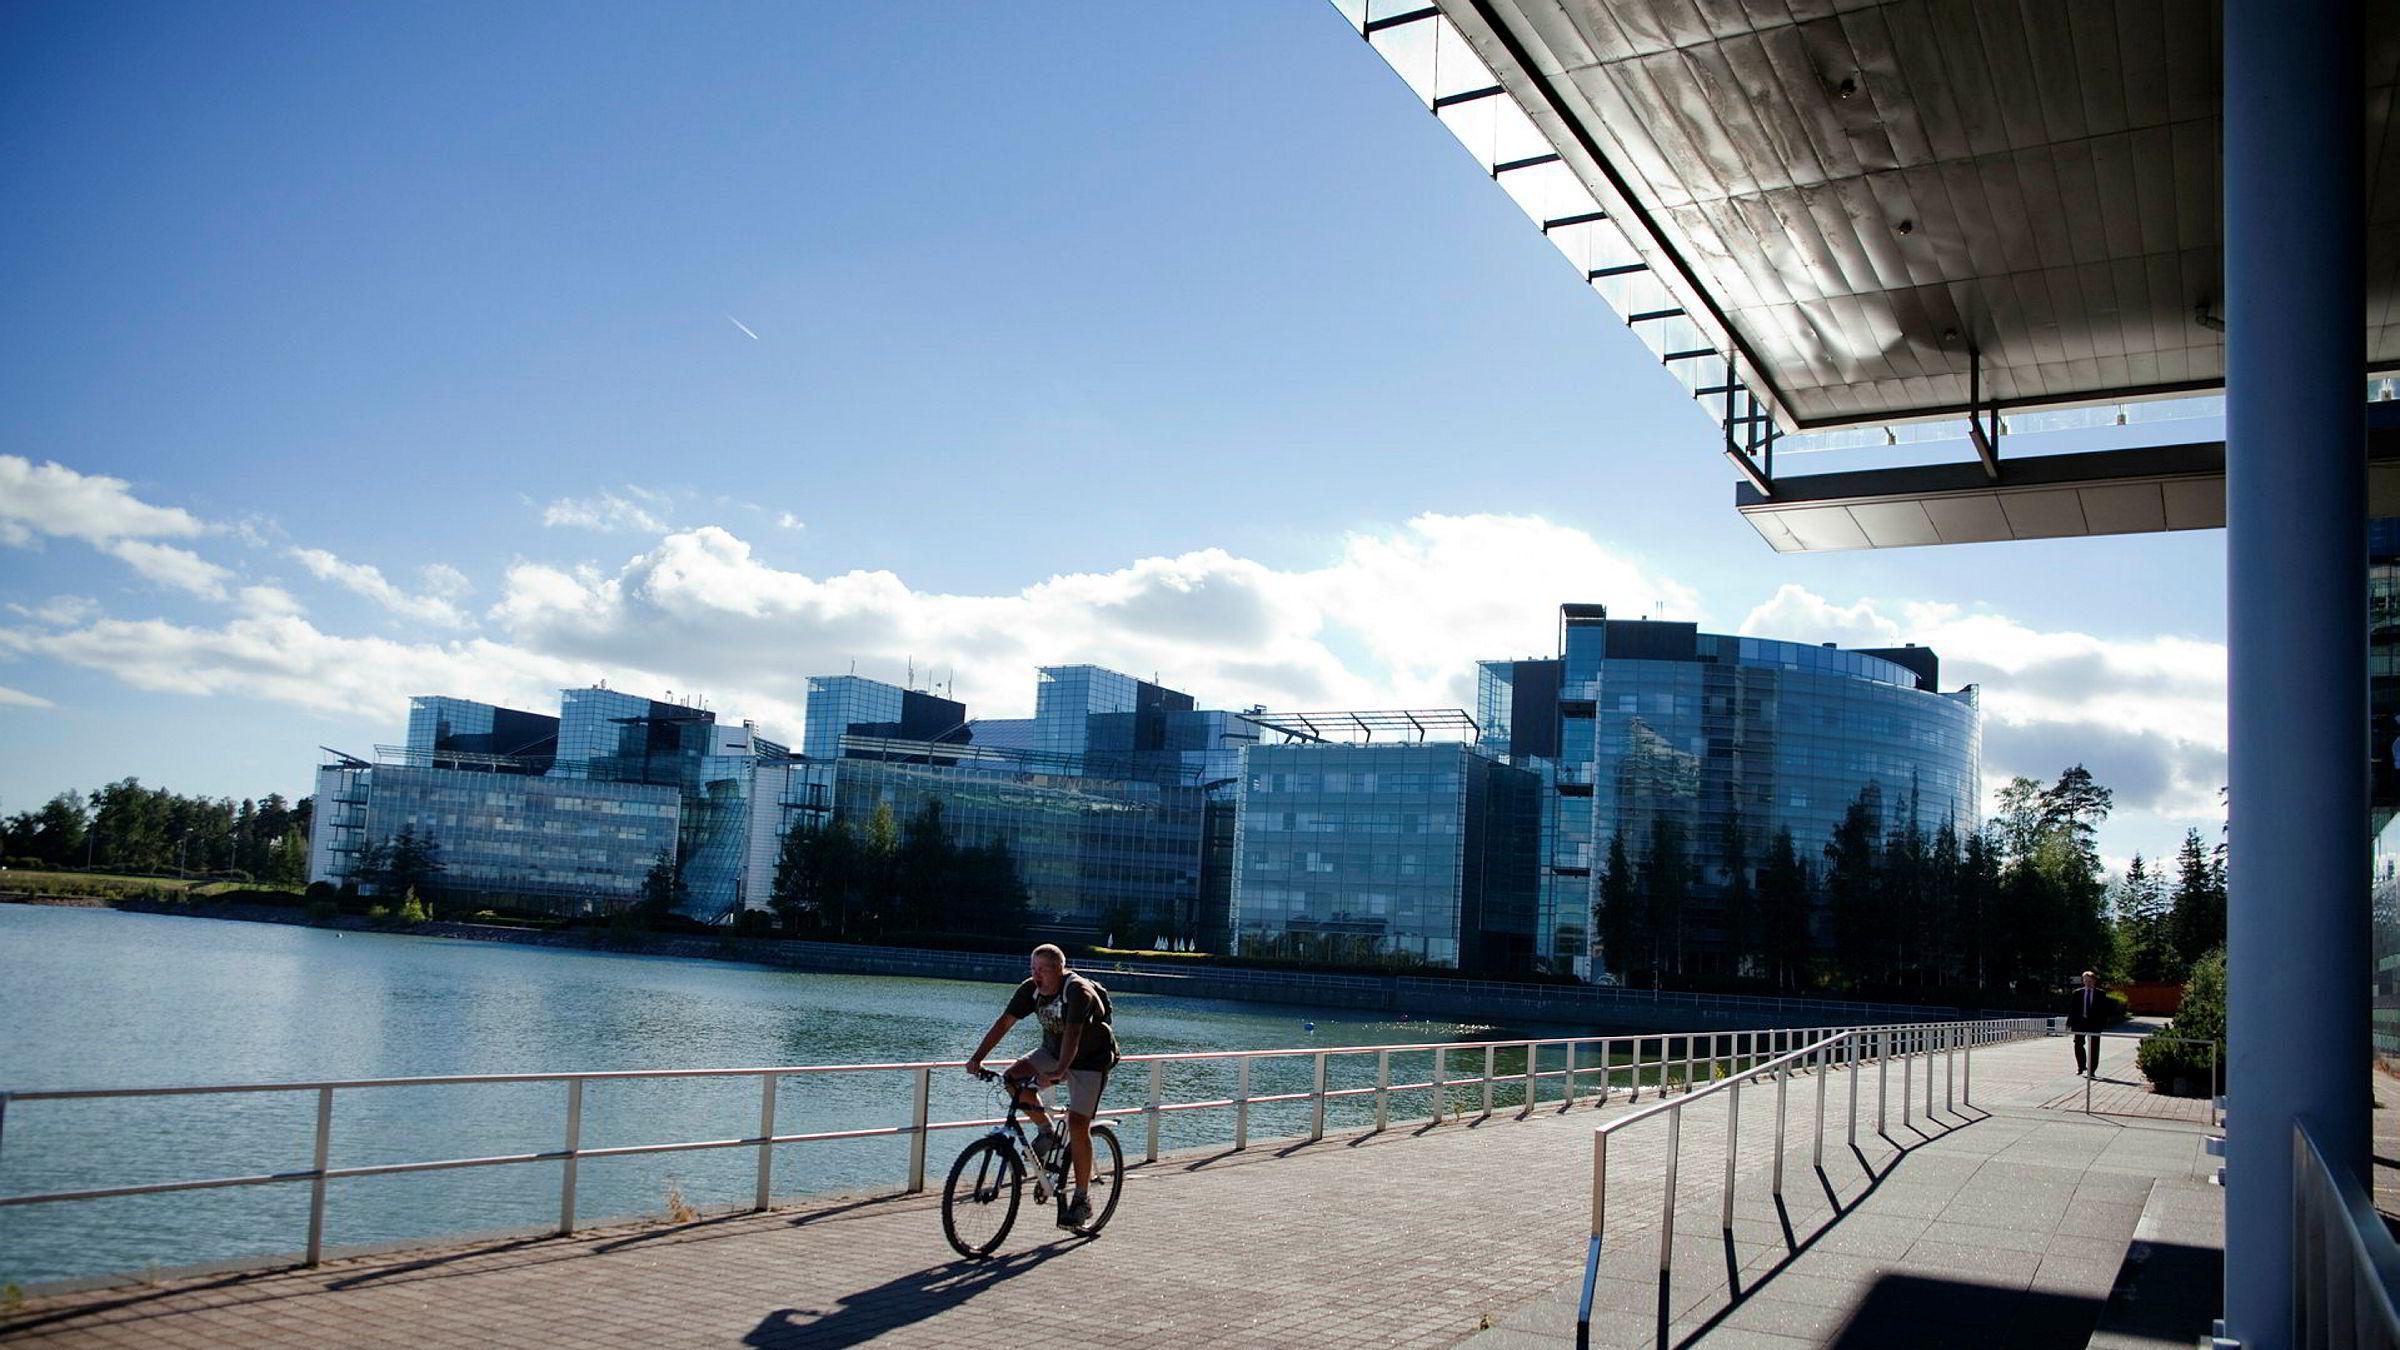 Finland er nå rangert som det mest lykkelige landet i verden. Bildet viser Nokia house, Nokias hovedkontor i Finland.